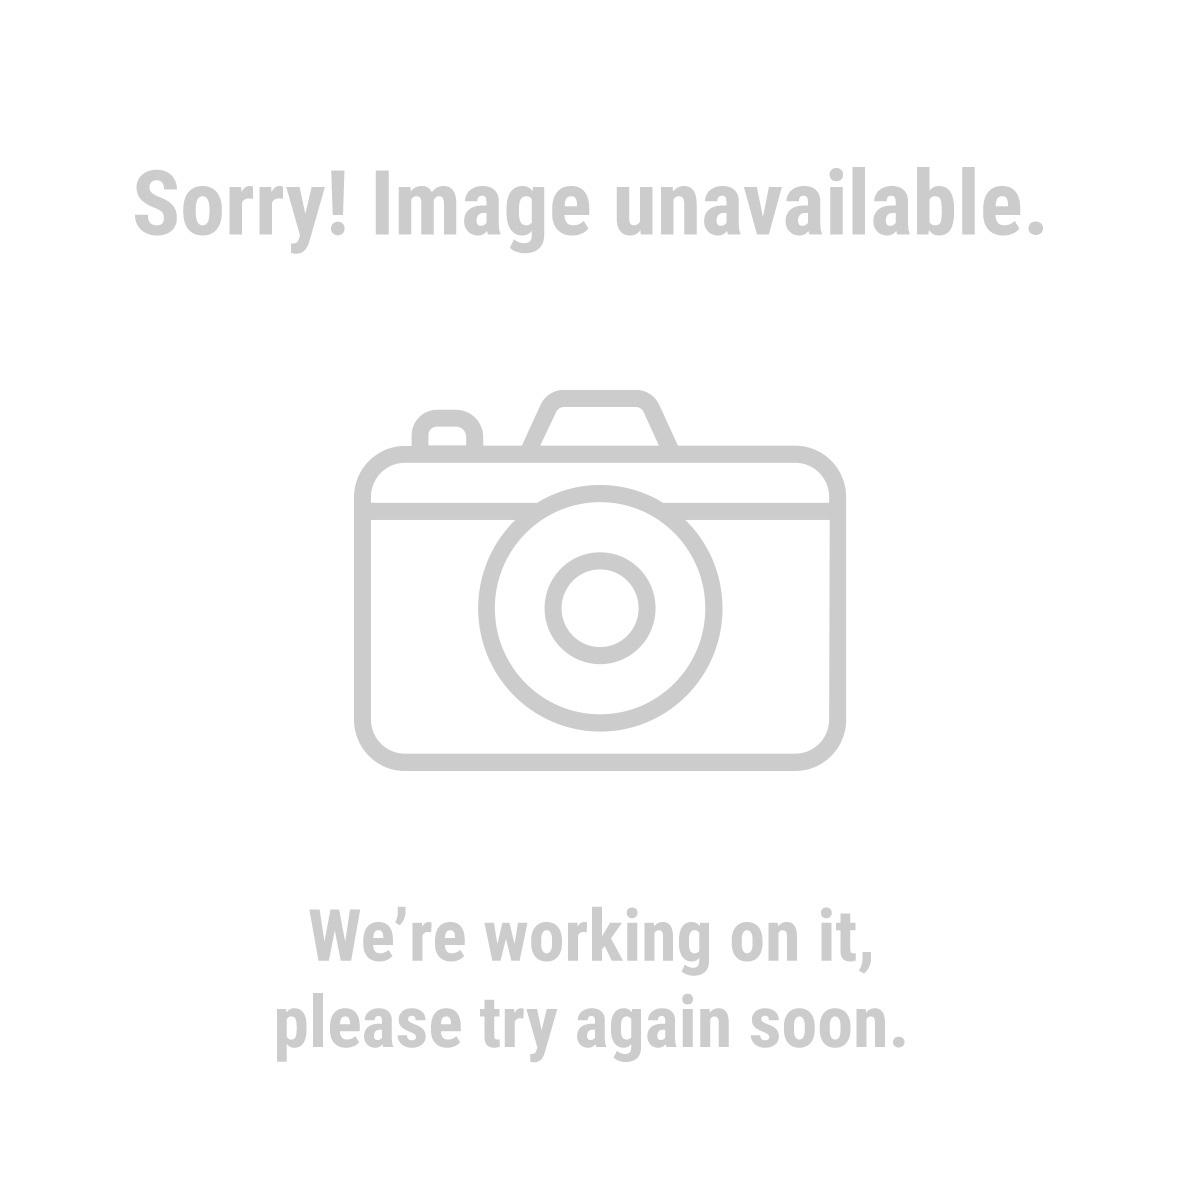 3 Gallon Air Compressor - 1/3 HP, 100 PSI, Oilless